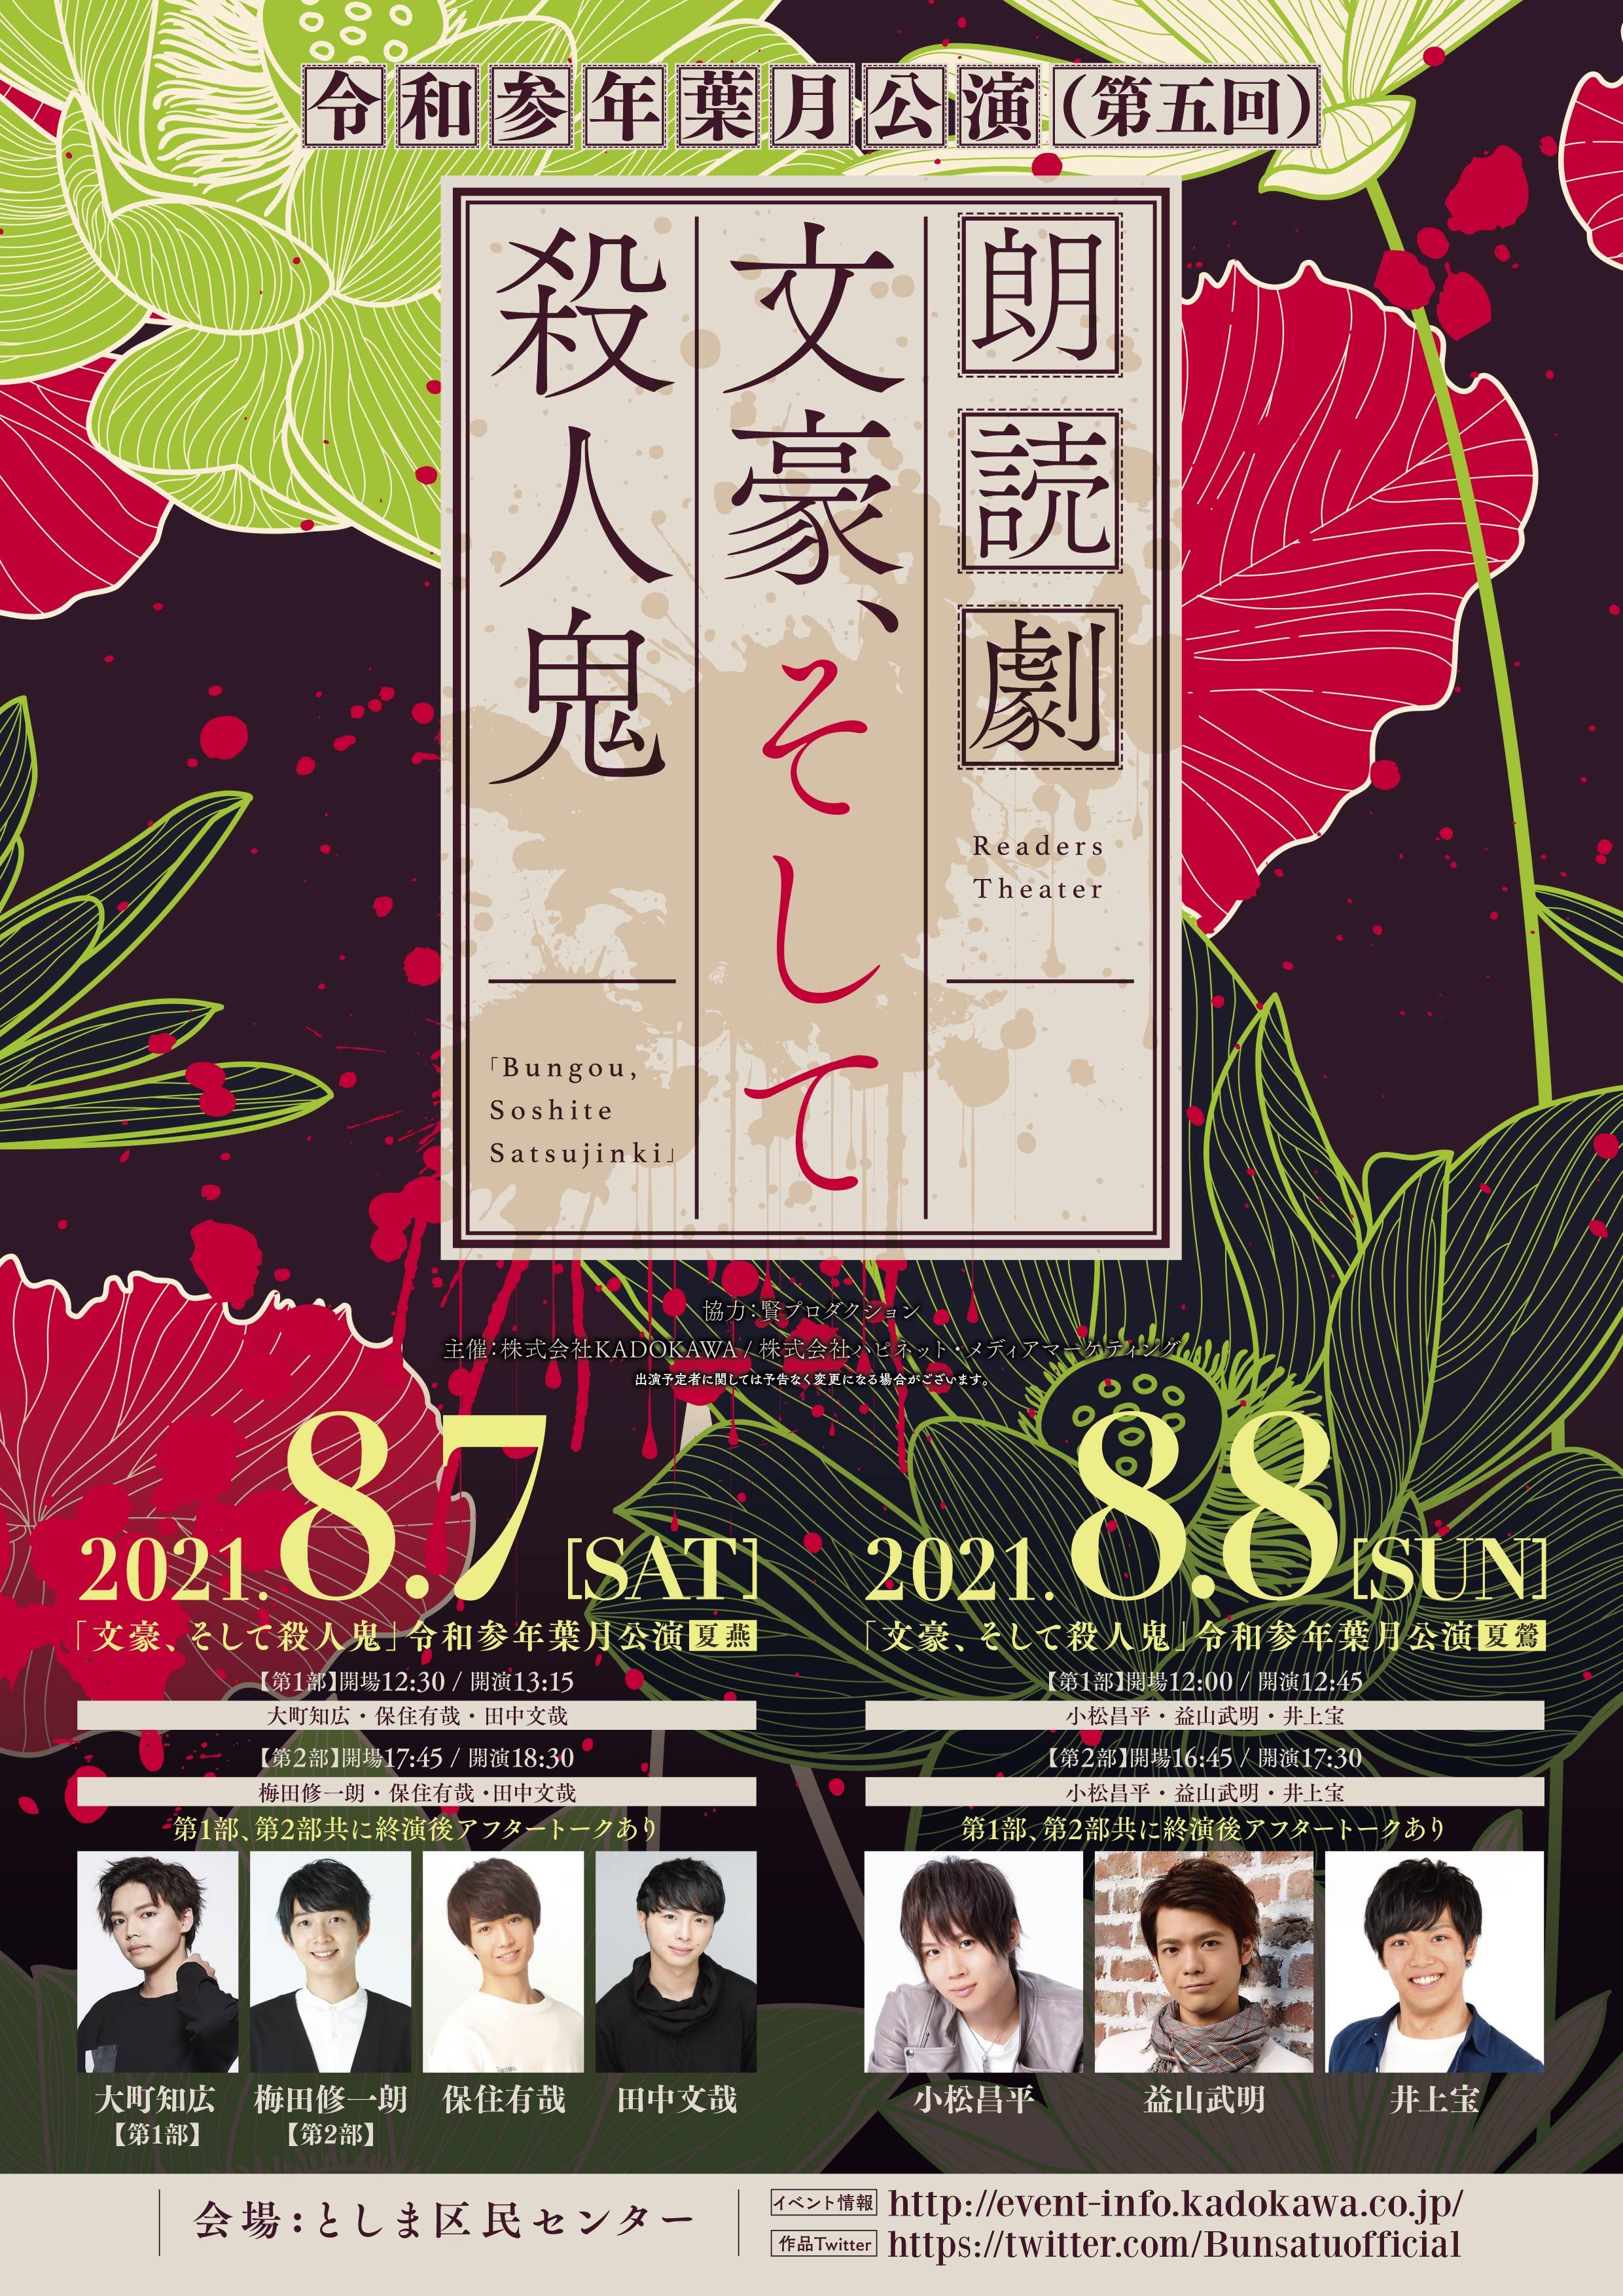 【8月8日(日)第一部】「文豪、そして殺人鬼」令和参年葉月公演<夏鶯>